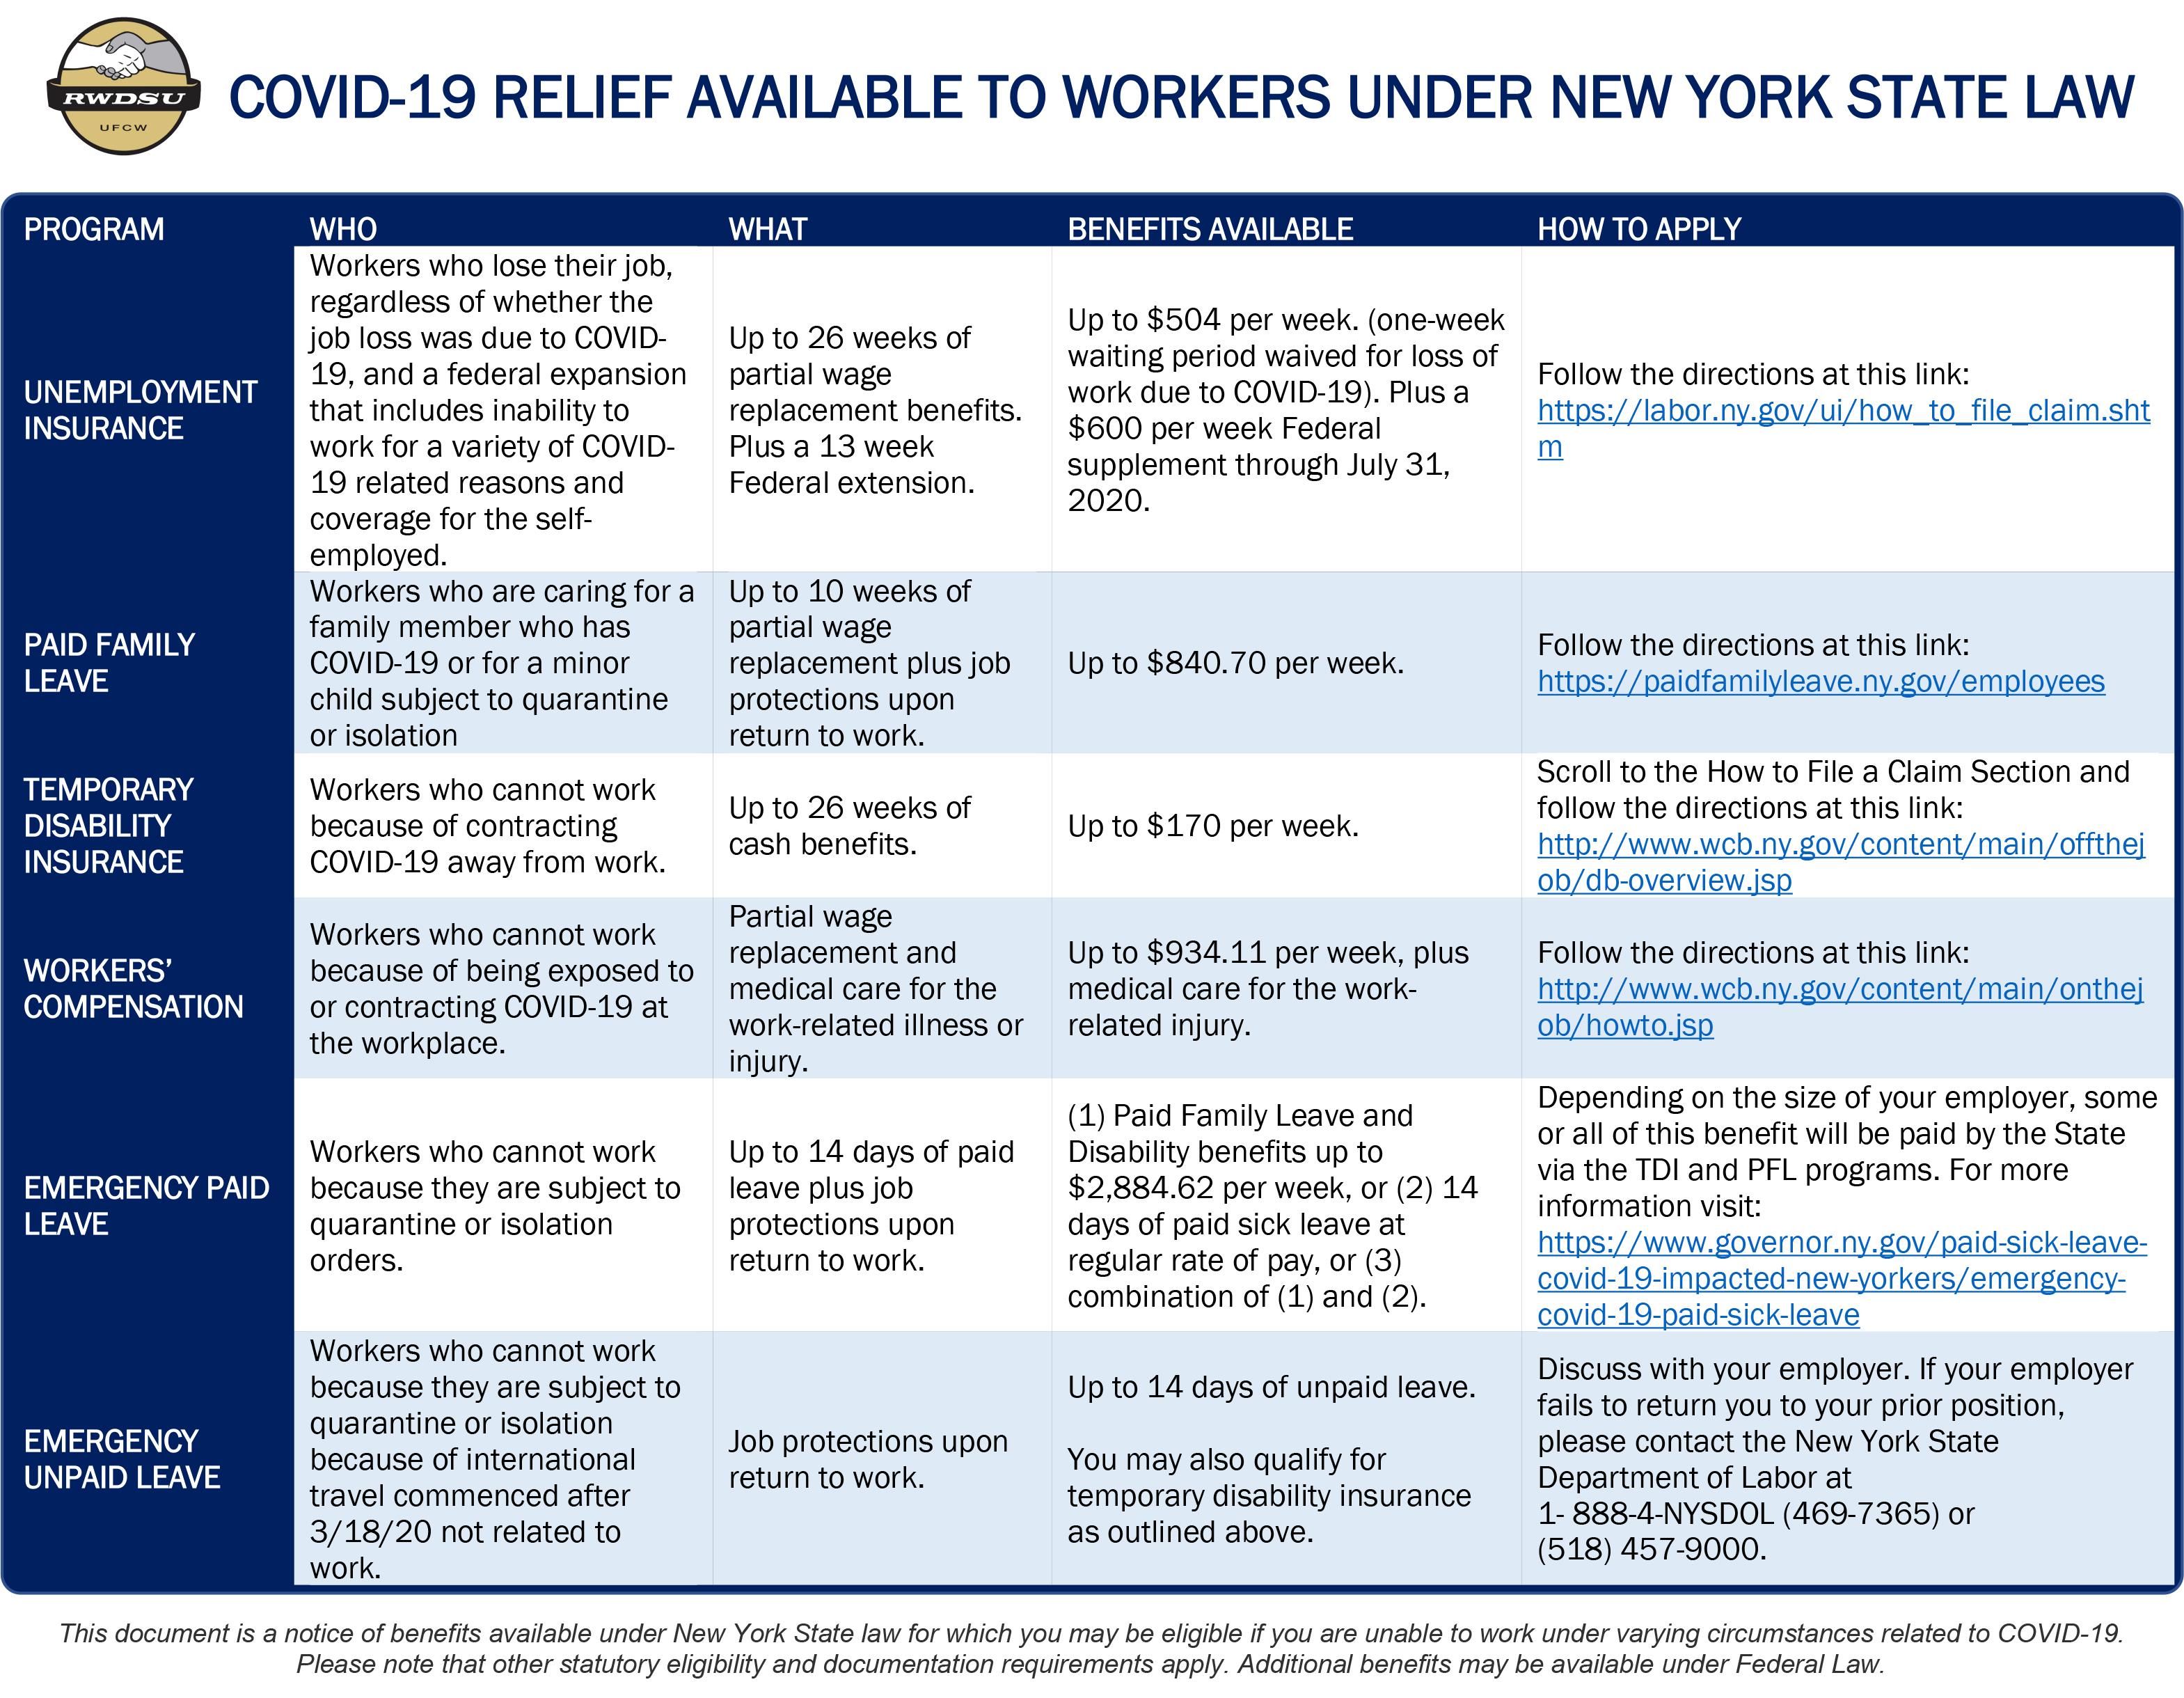 NY_COVID_Benefit_Grid_033020.jpg